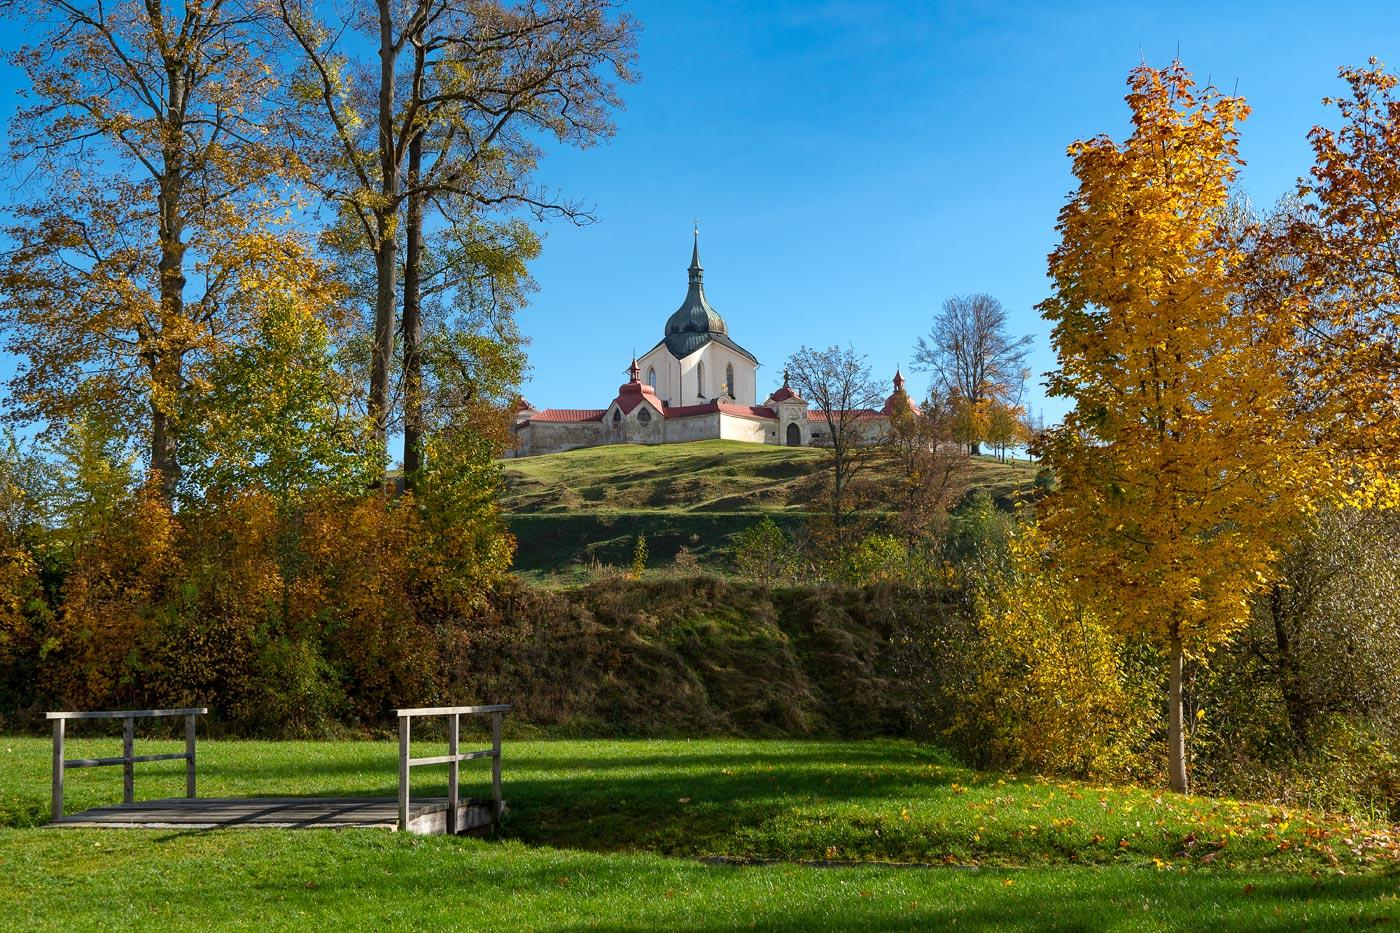 Паломнический костел Святого Яна Непомукского,  Зелена Гора (Zelená hora)